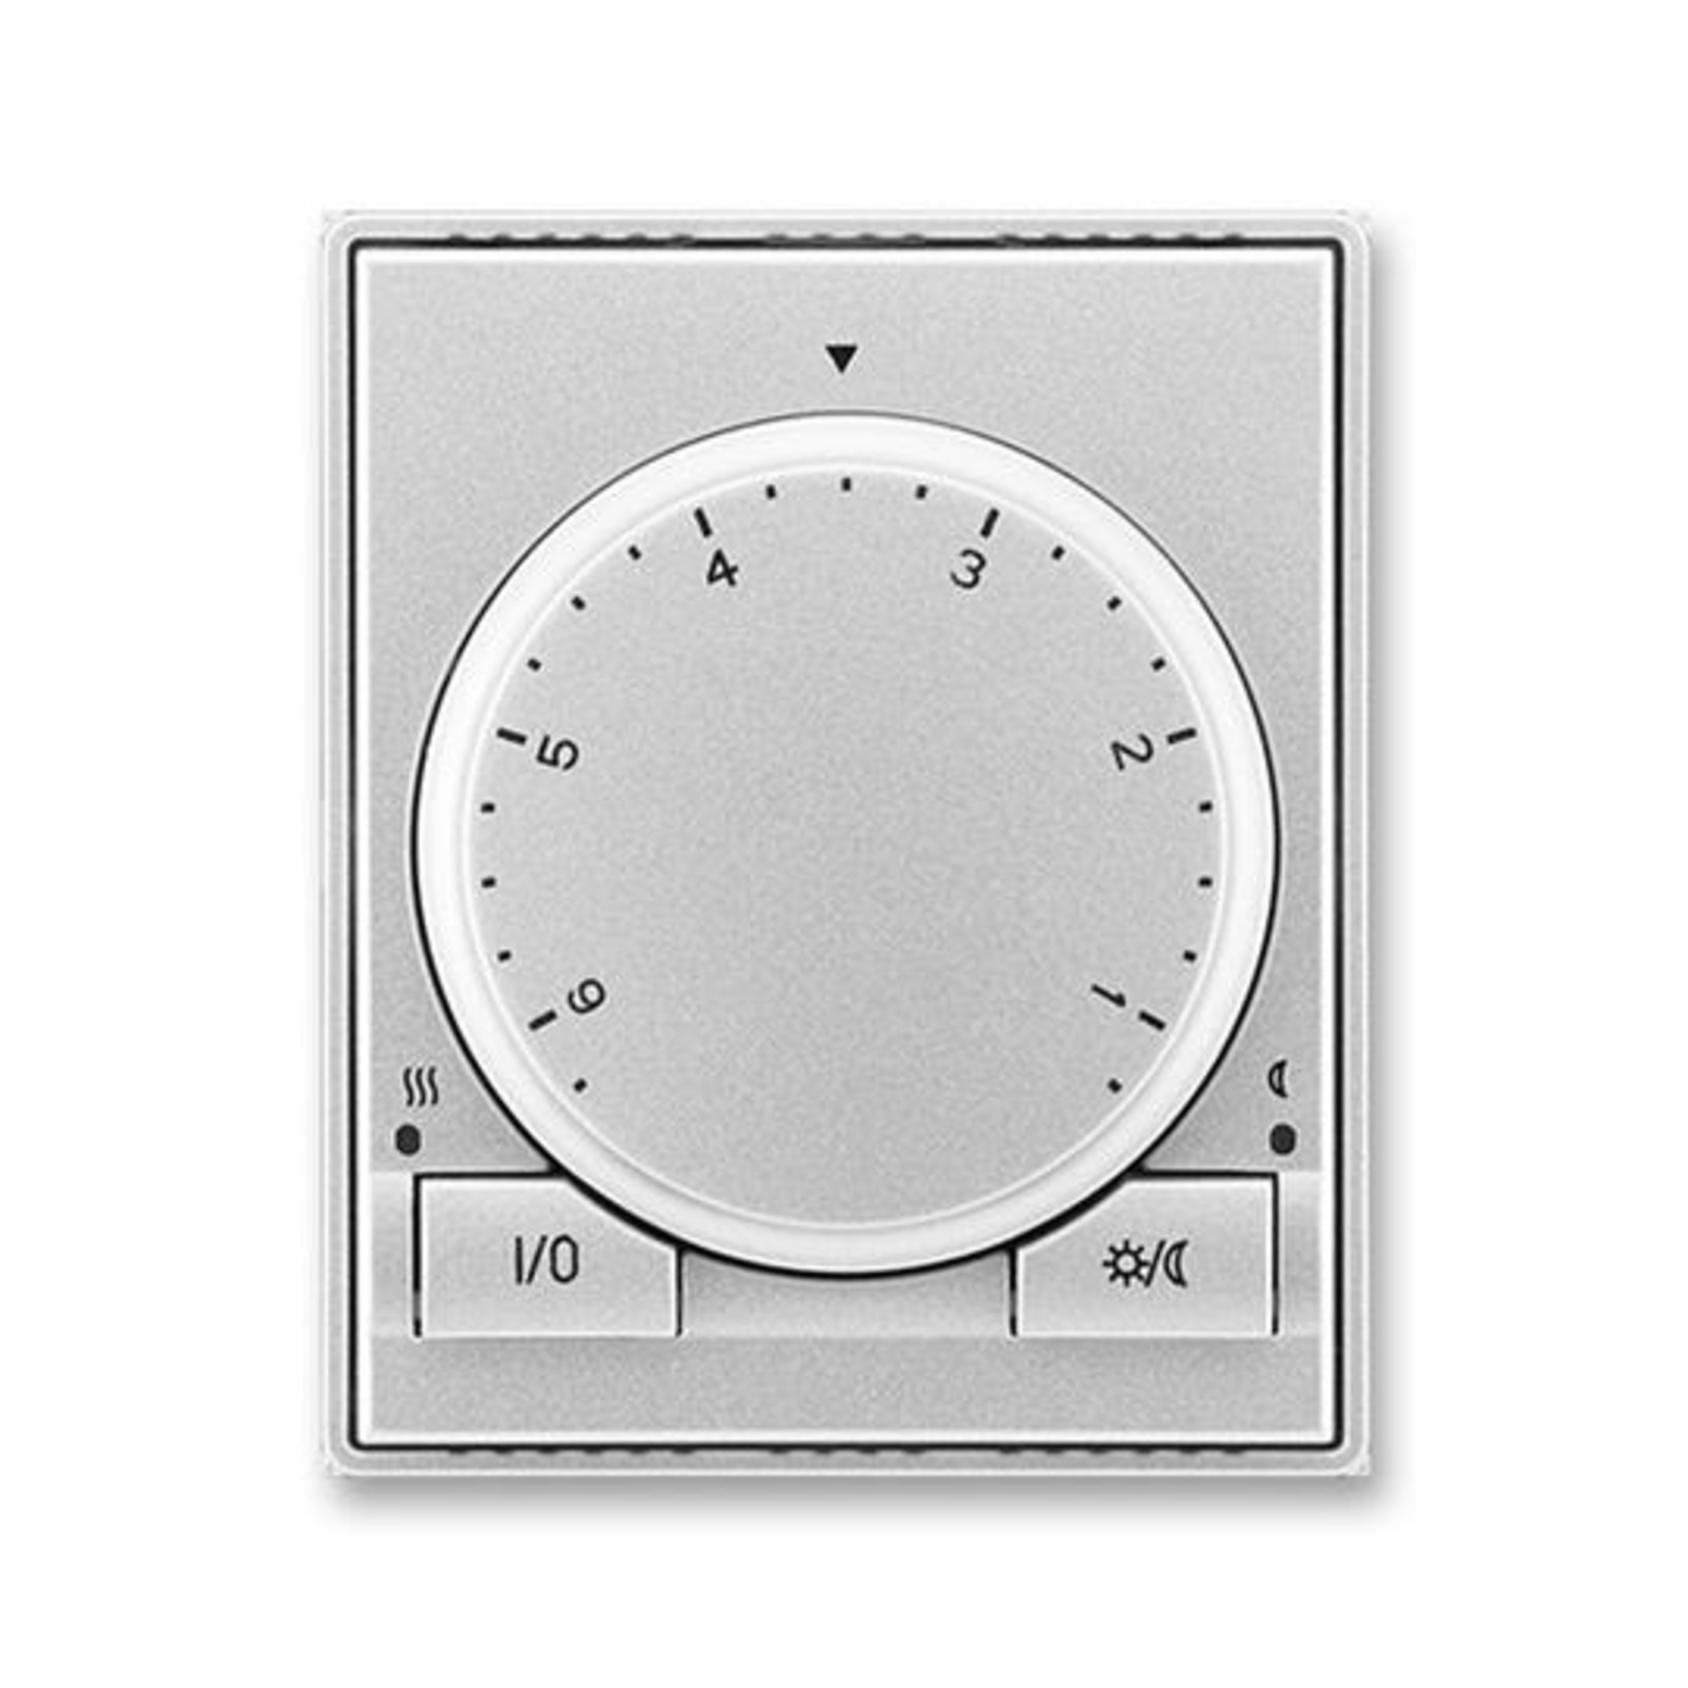 ABB 3292E-A10101 08 Time Termostat univerzální s otočným nastavením teploty (ovl. jednotka)